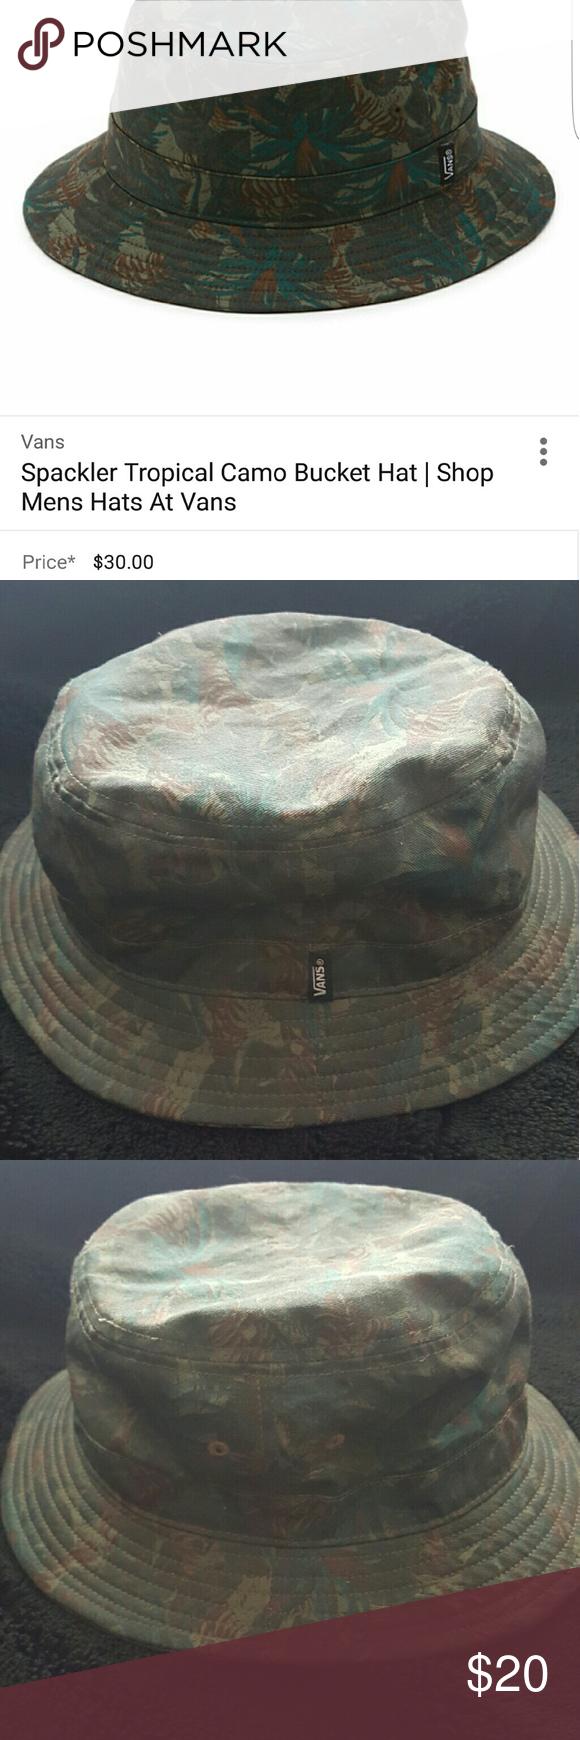 326dc0f1ec MEN S Spackler Tropical Camo Bucket Hat Men s Spackler Tropical Camo Bucket  Hat- originally  30. Good condition. Vans Accessories Hats